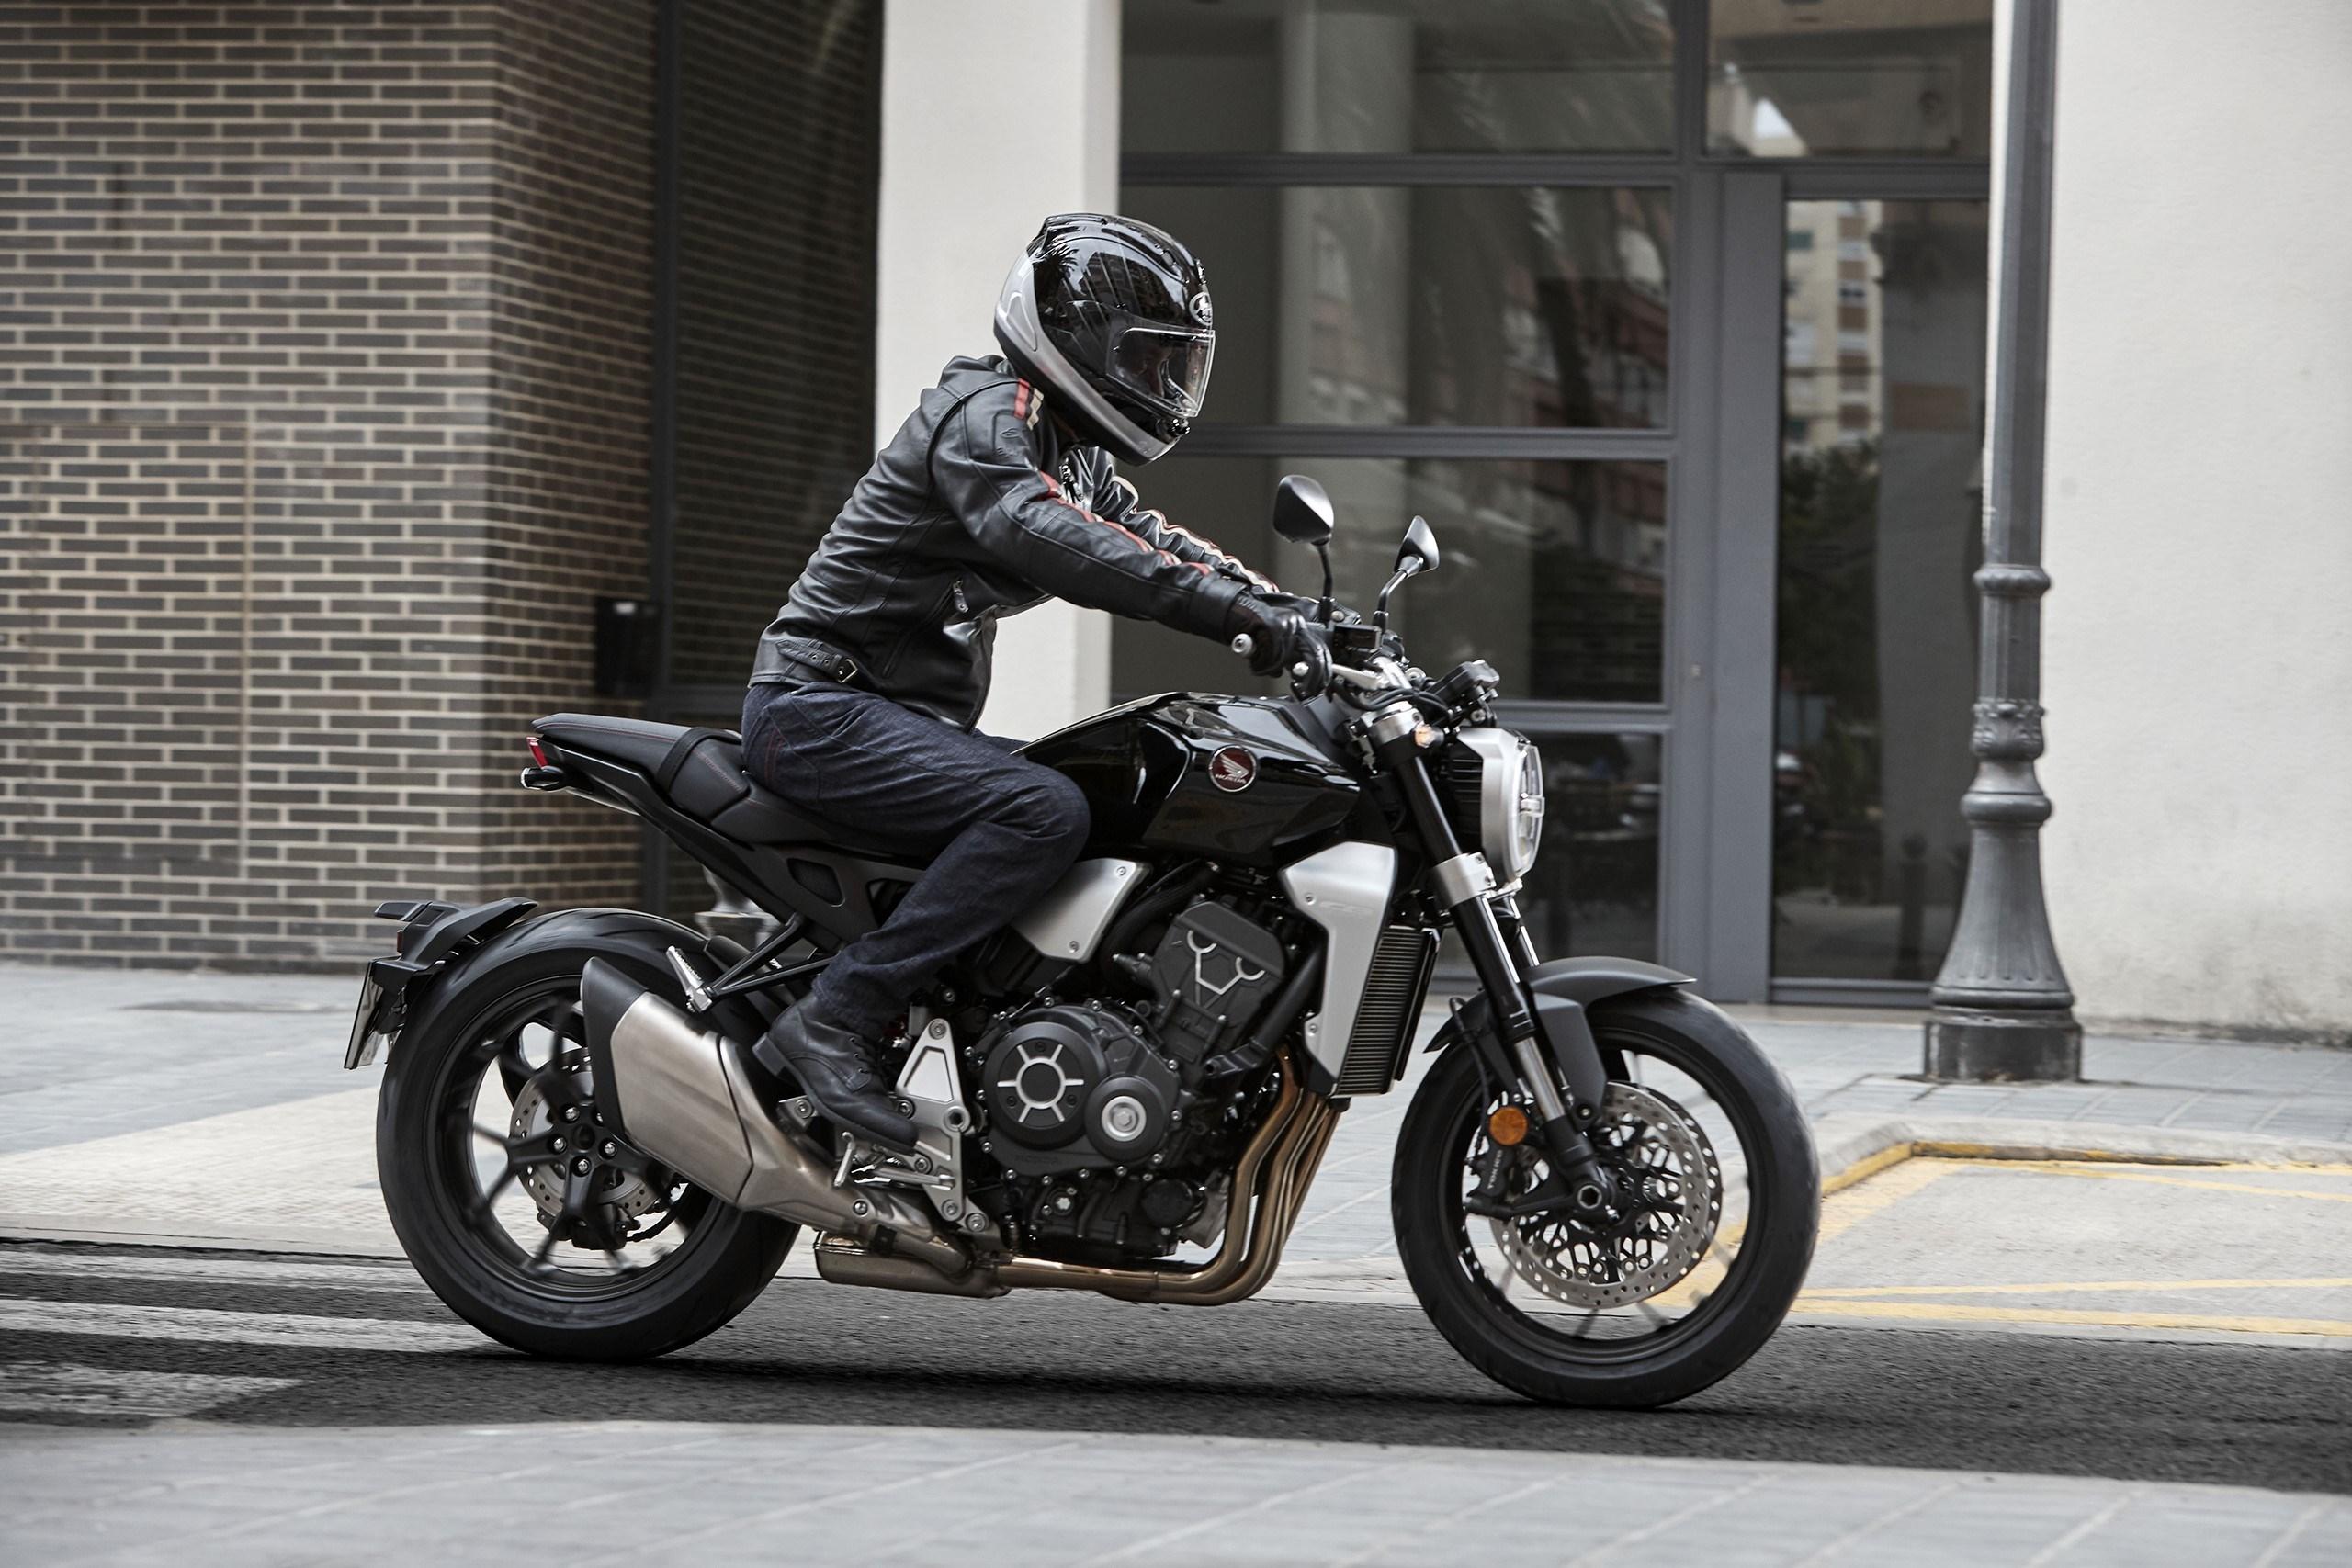 2018 Honda CB1000R first look - RevZilla